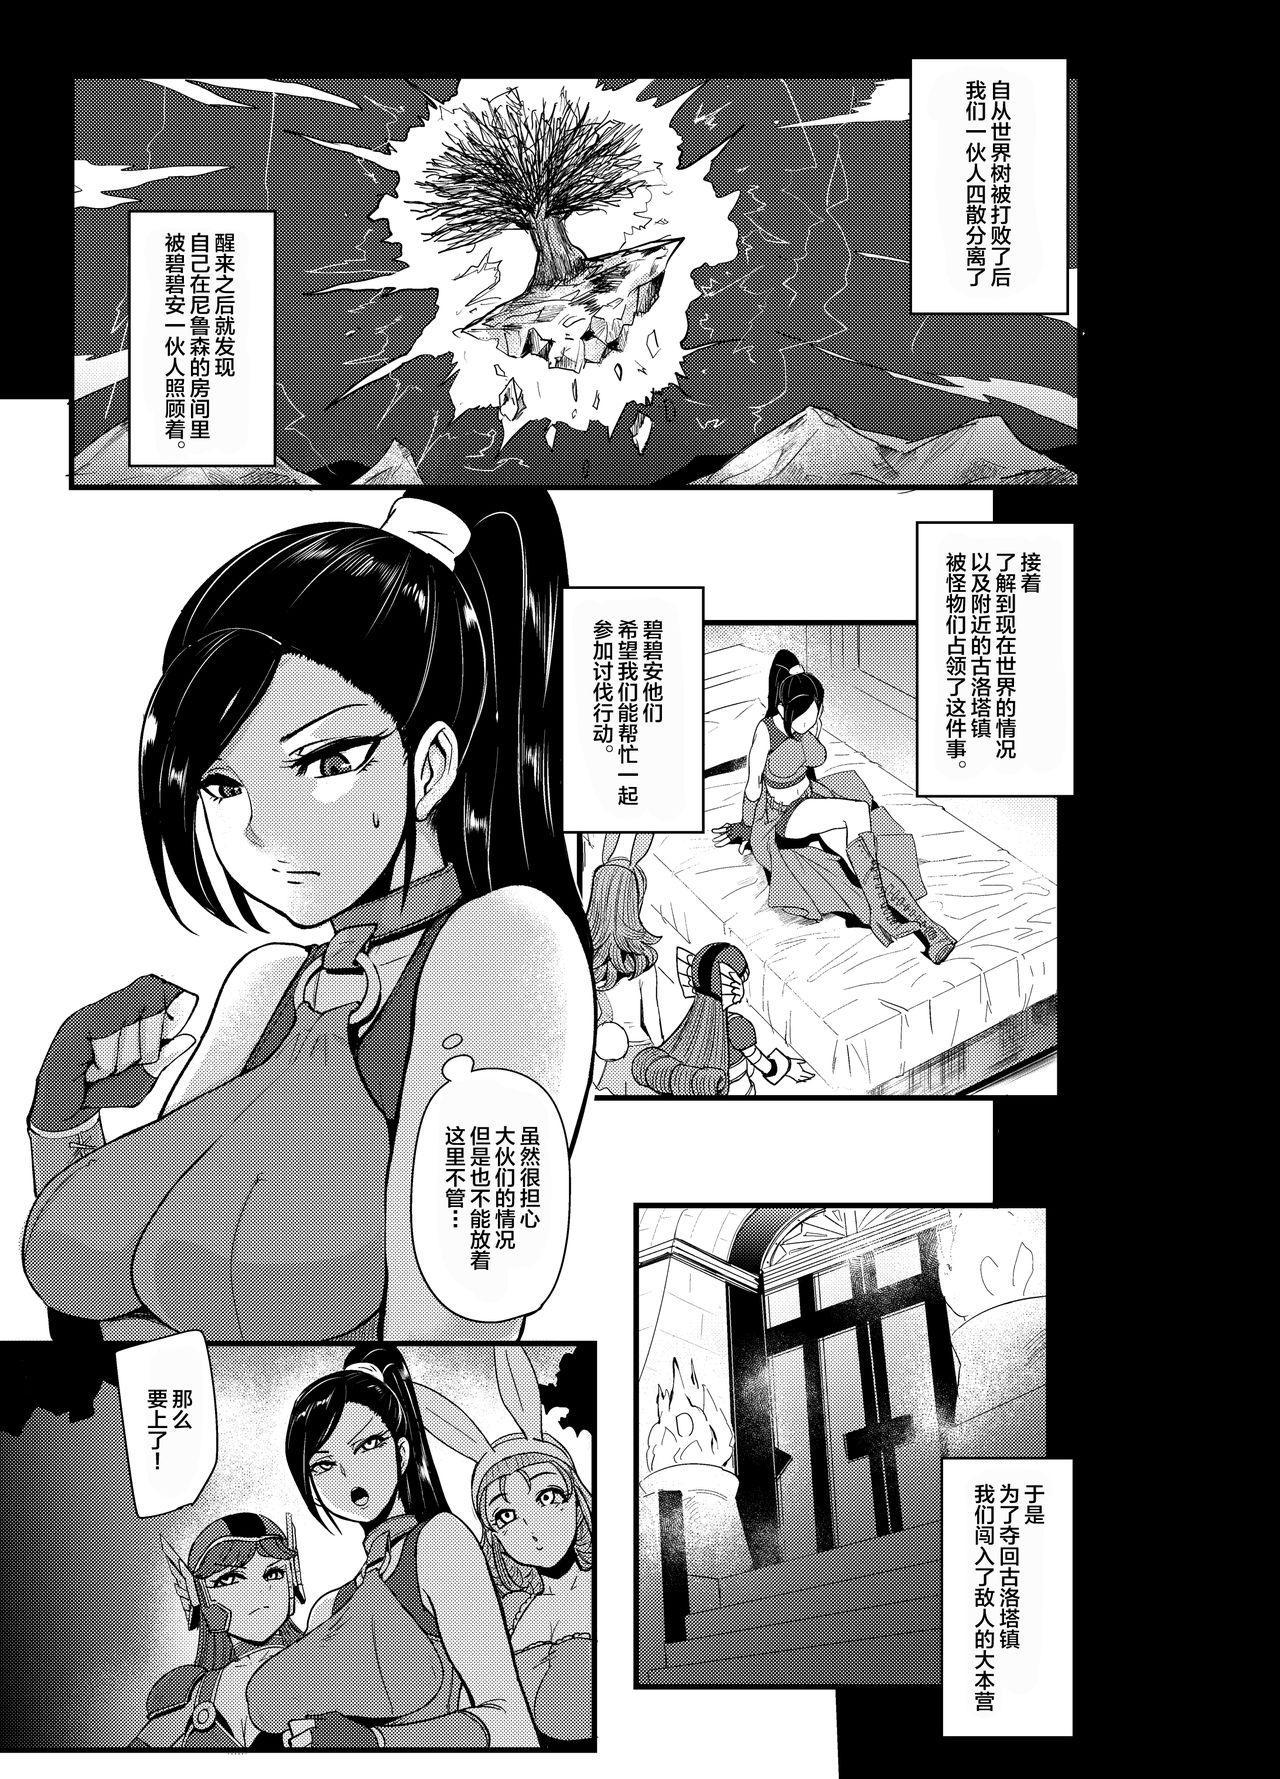 Sennou Sareta Martina ga Kairaku o Wasurerarezu Monster Chinpo ni Dohamari Suru Hanashi | 关于被洗脑了的玛露沉溺于巨根无法忘却性爱快感的二三事 2